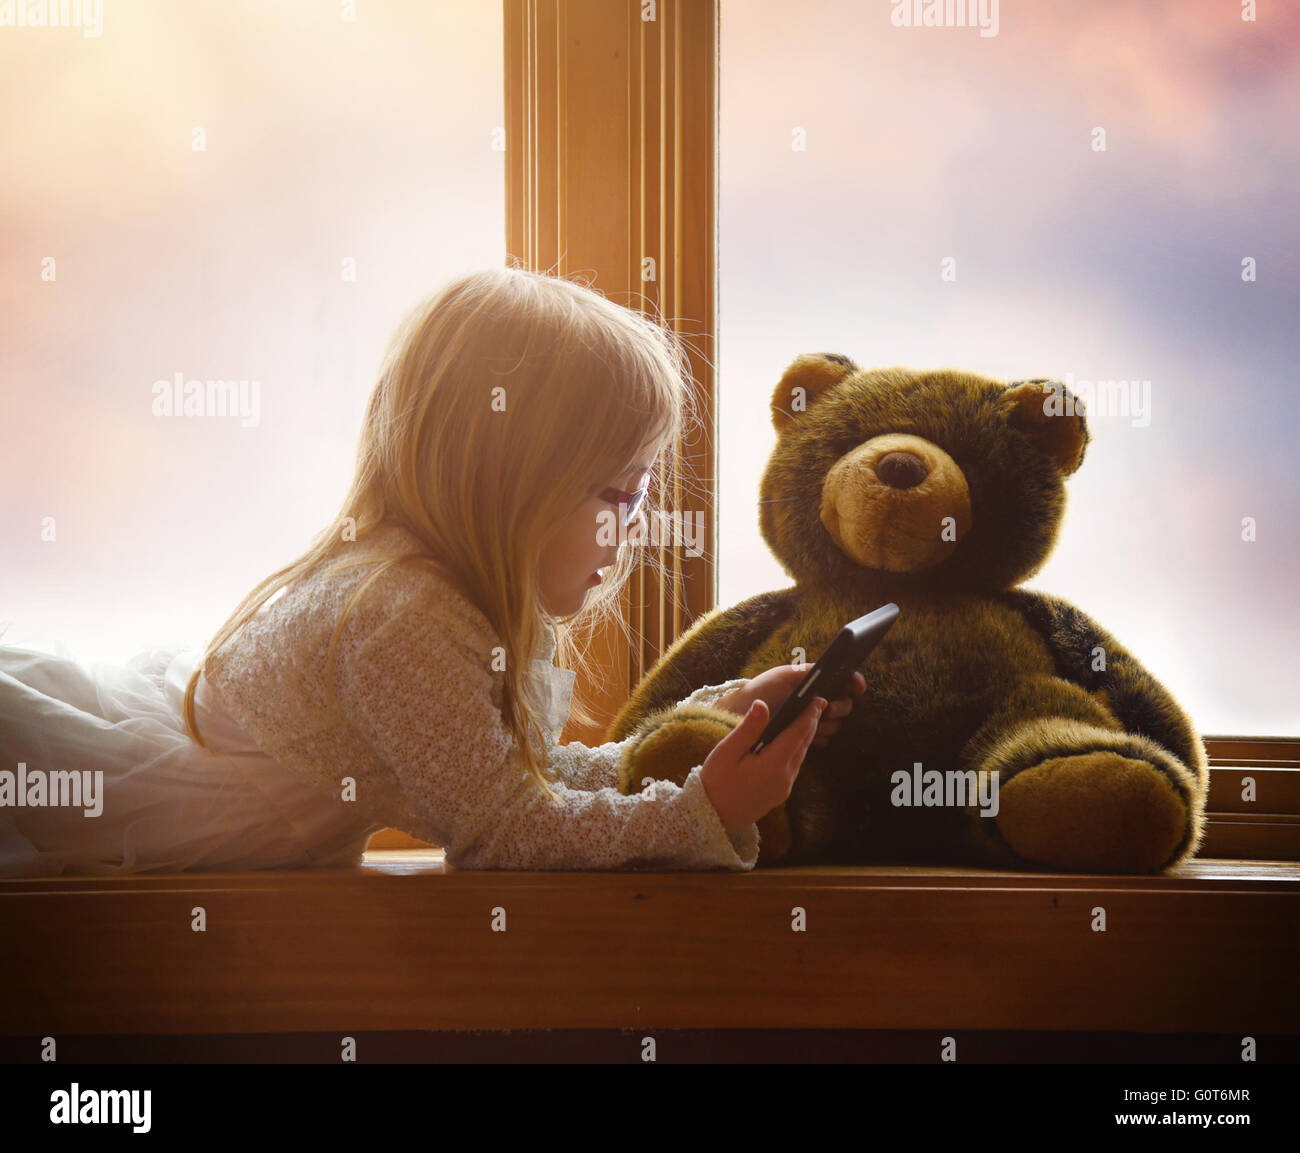 Ein kleines Kind spielt mit einer elektronischen Tablet in einem Fenster mit ihren Teddybär für ein Spiel, Stockbild